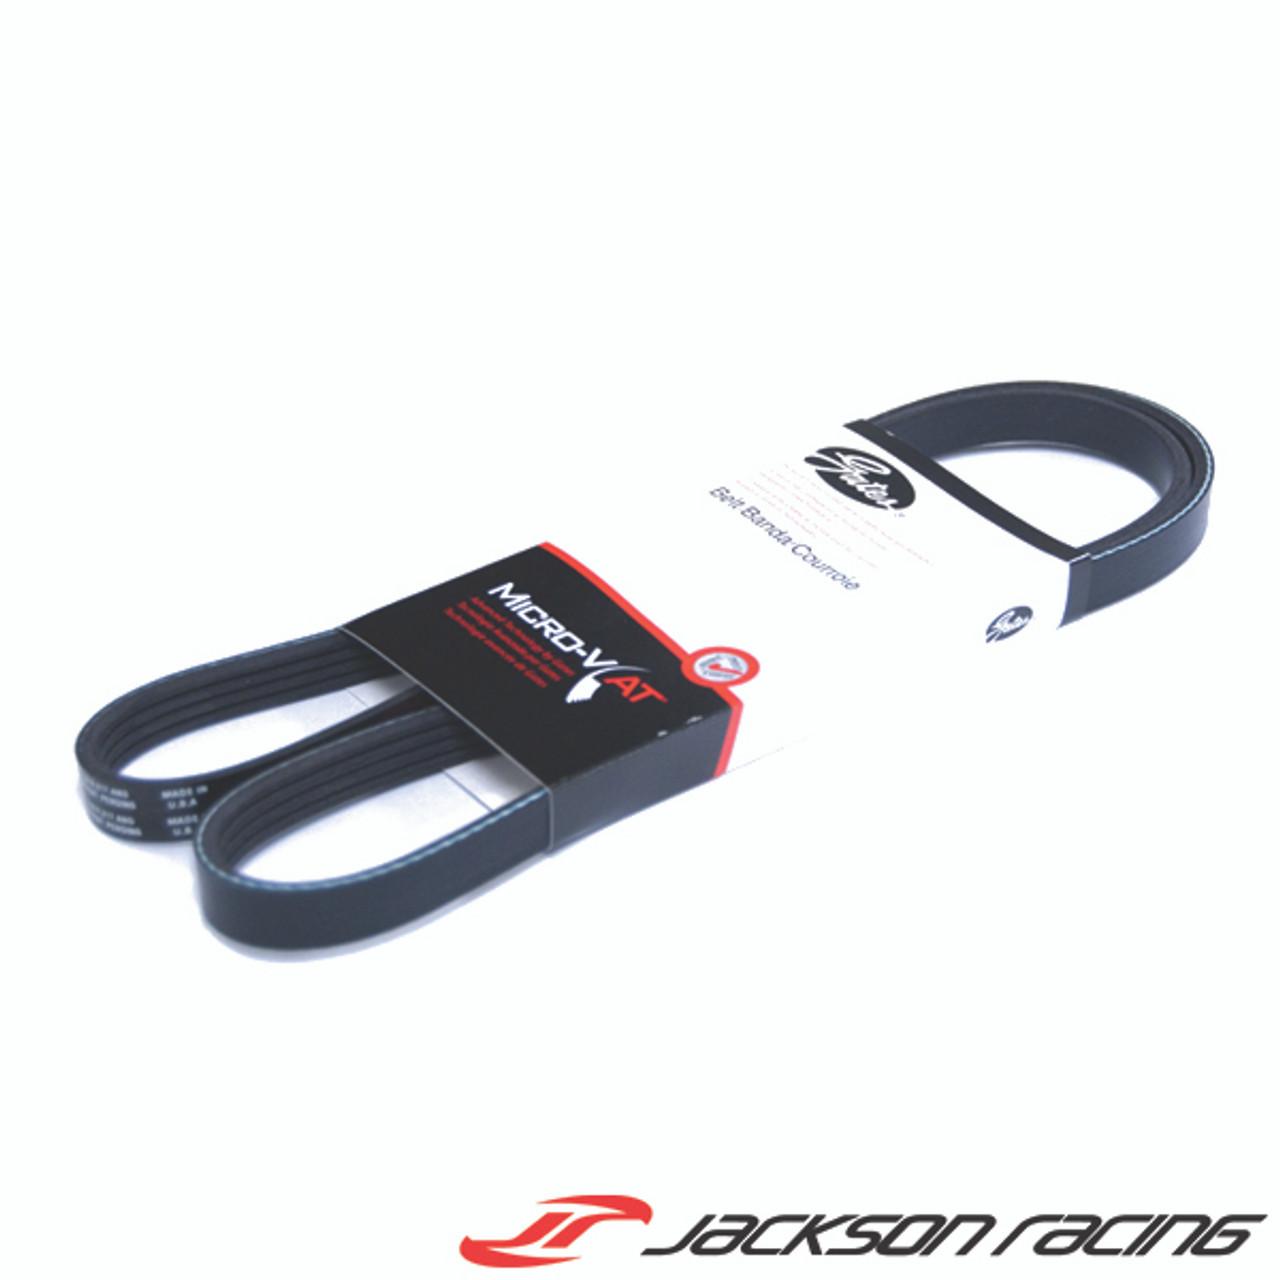 Gates Belt for Jackson Racing Supercharger